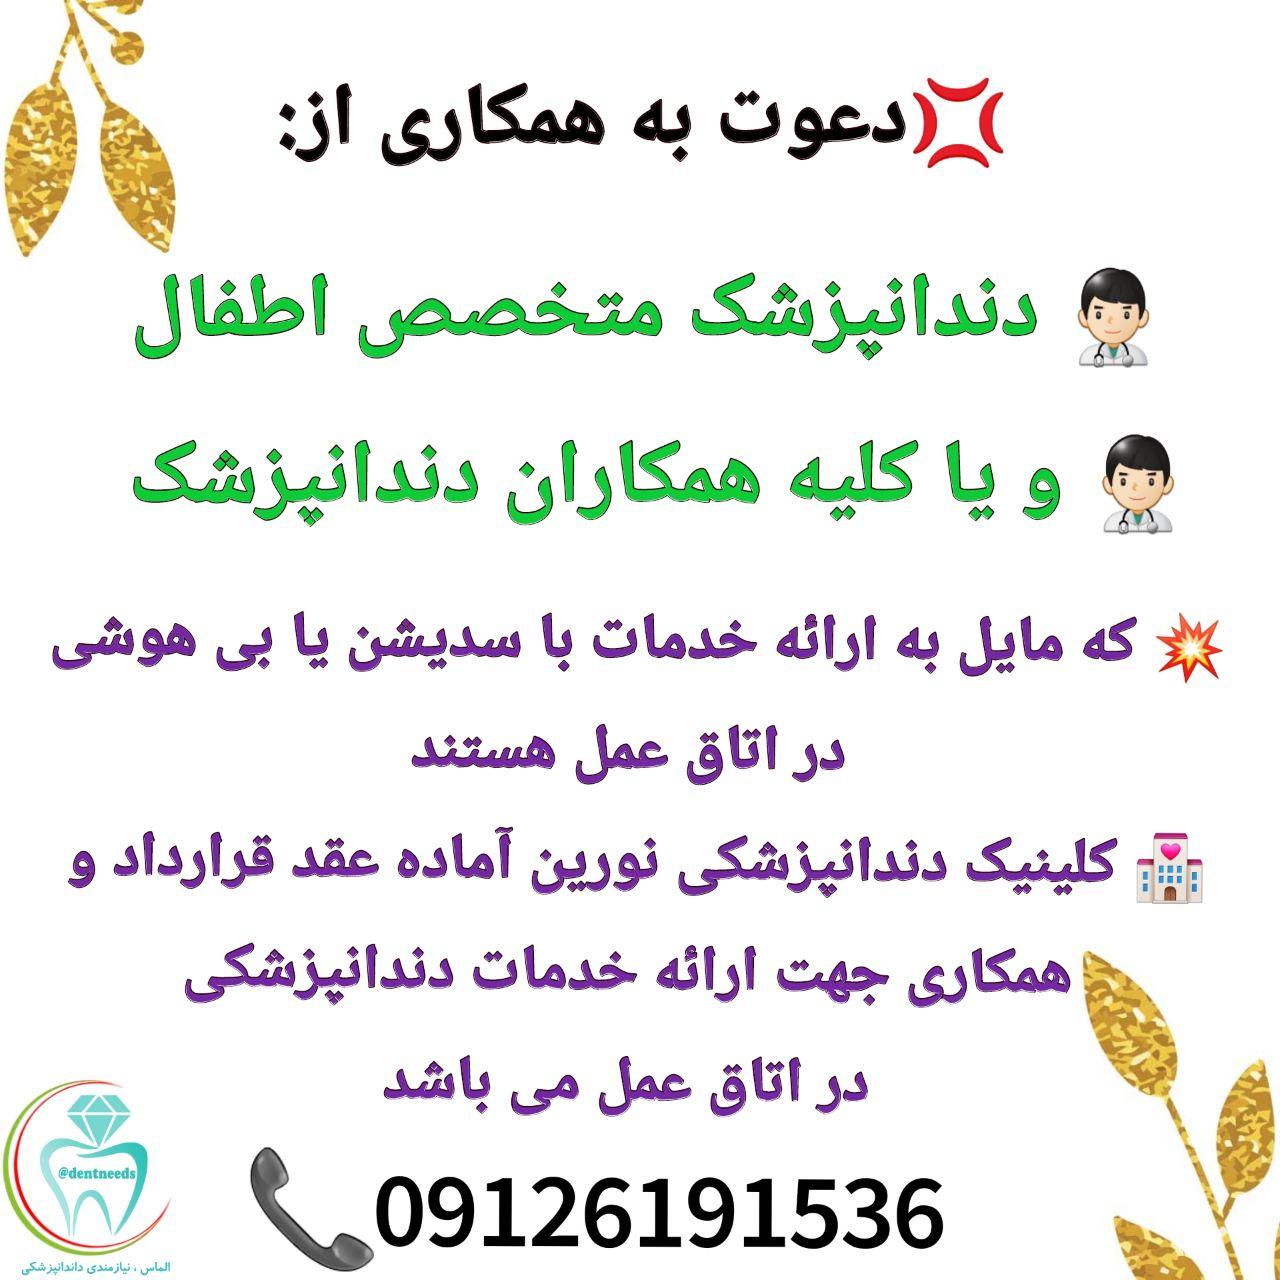 تهران: نیاز به دندانپزشک متخصص اطفال، و یا کلیه همکاران دندانپزشک